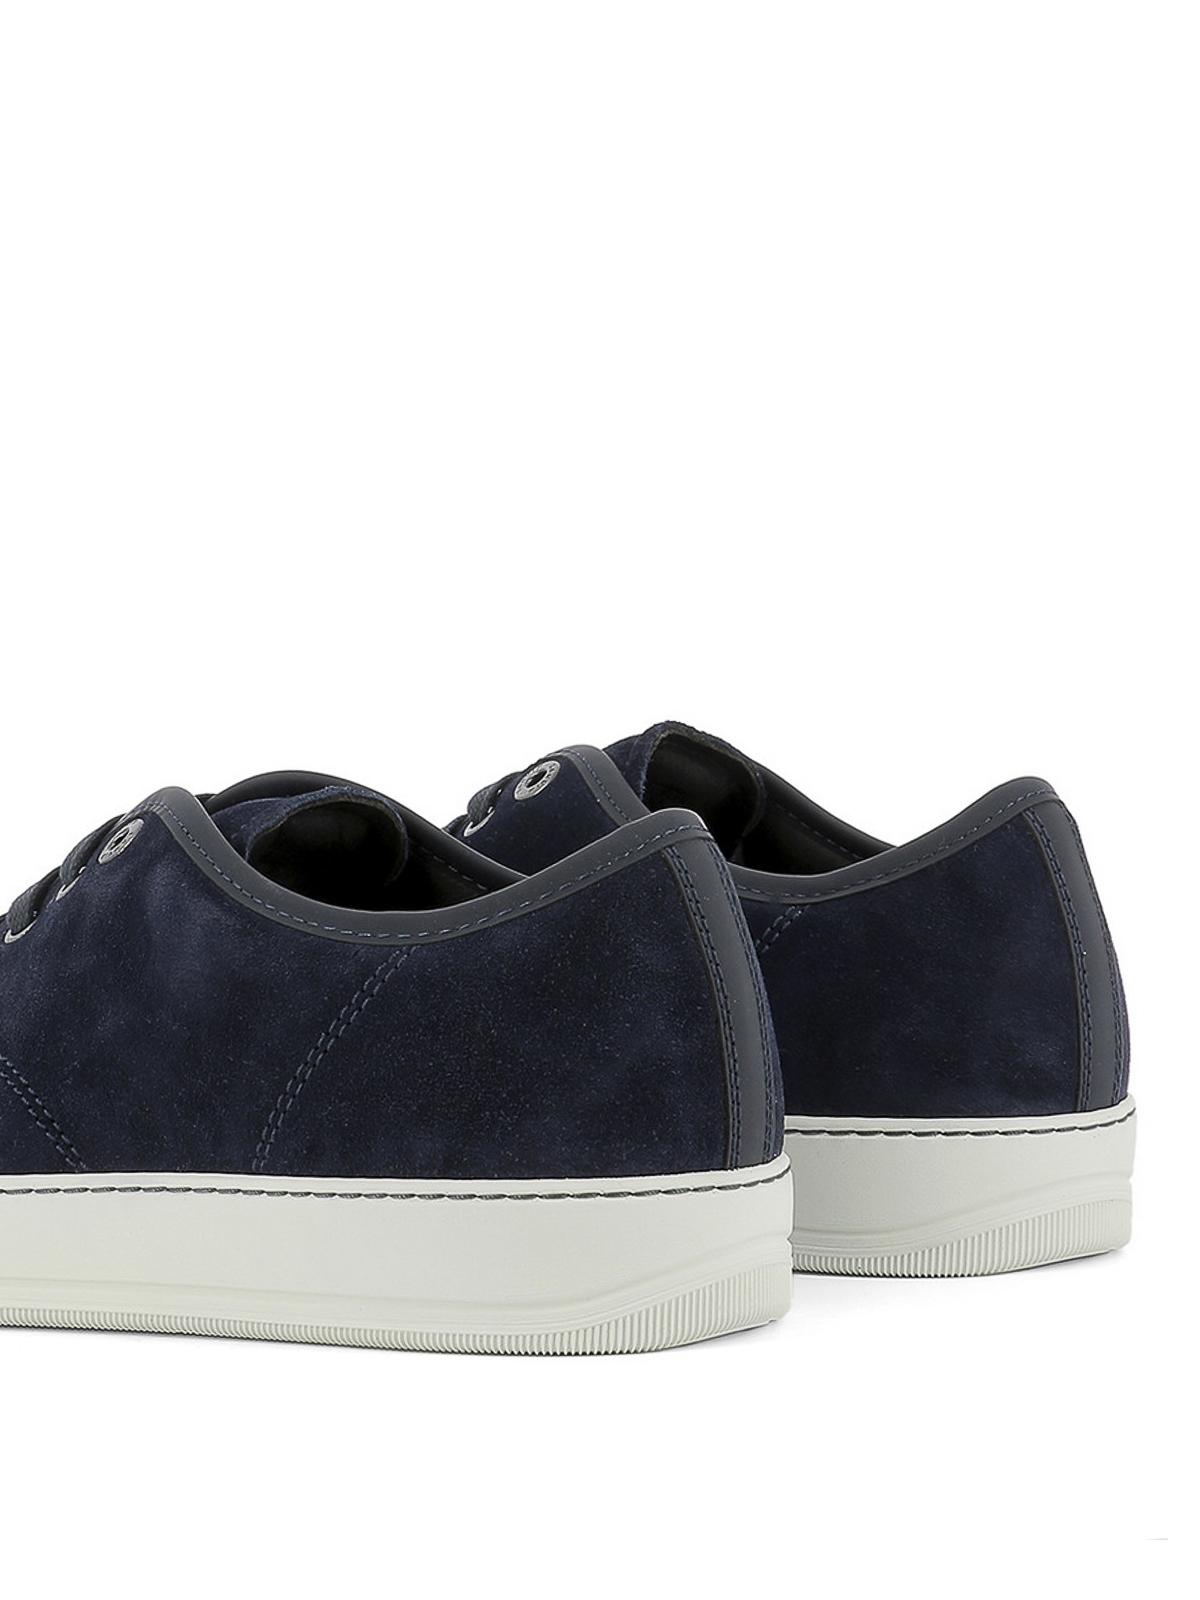 Lanvin - Toe cap suede sneakers - trainers - SKDBB1VEGOE17291 ... db418bf47bf